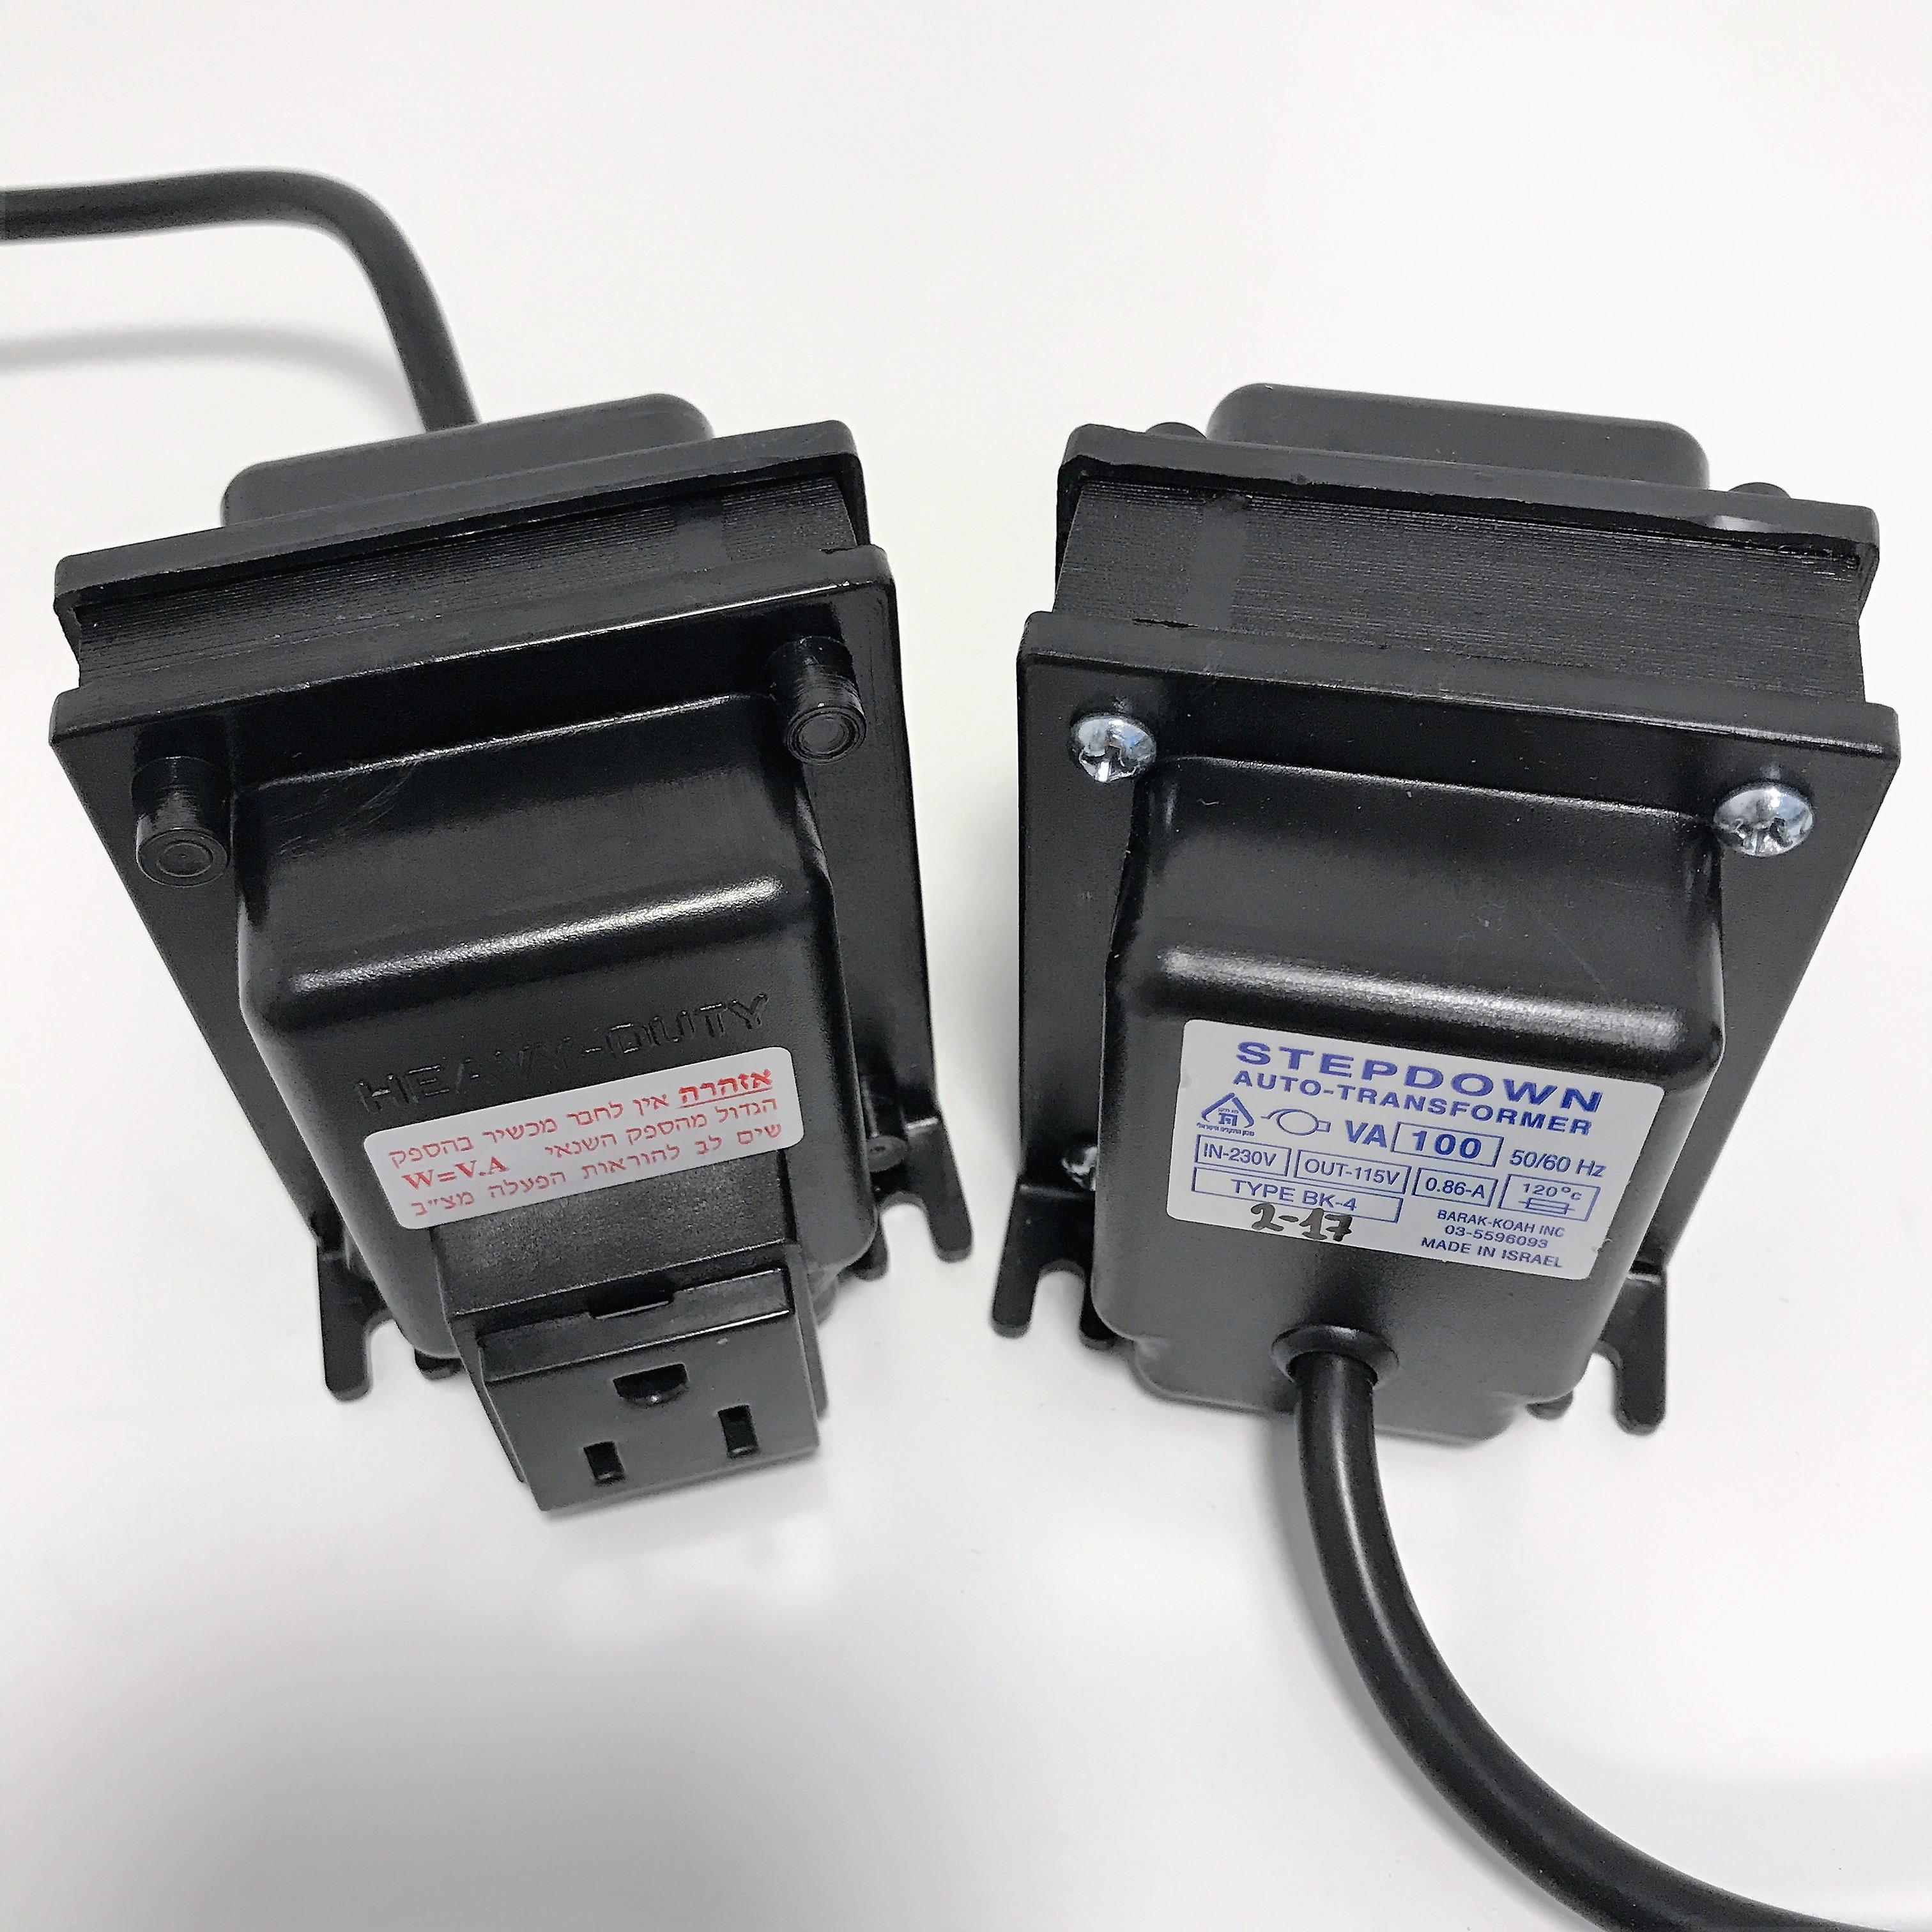 שנאי אוטוטרפו בהספק 750VA (למקרר אמריקאי 105V)